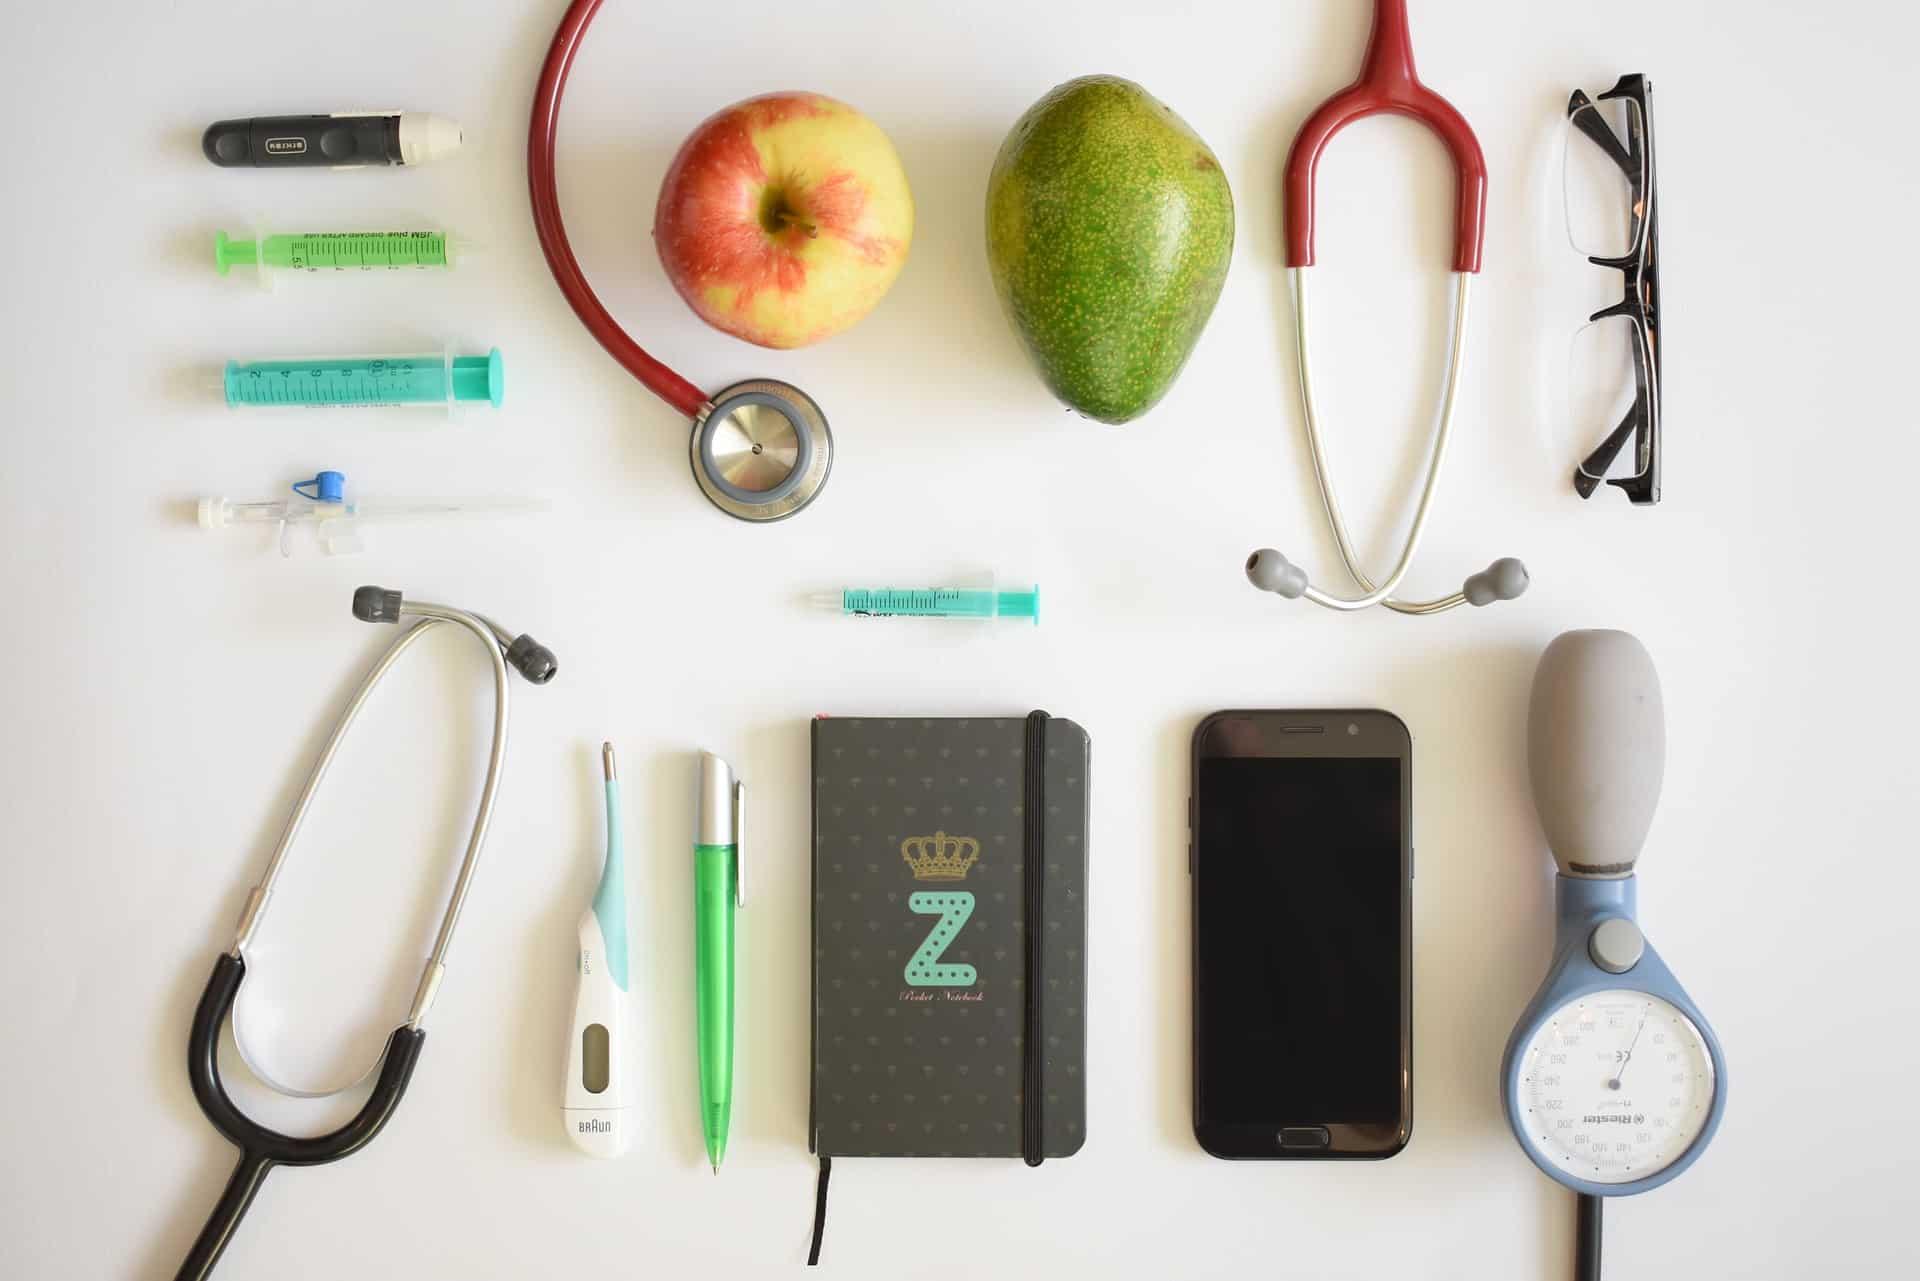 mi tárja fel a magas vérnyomást